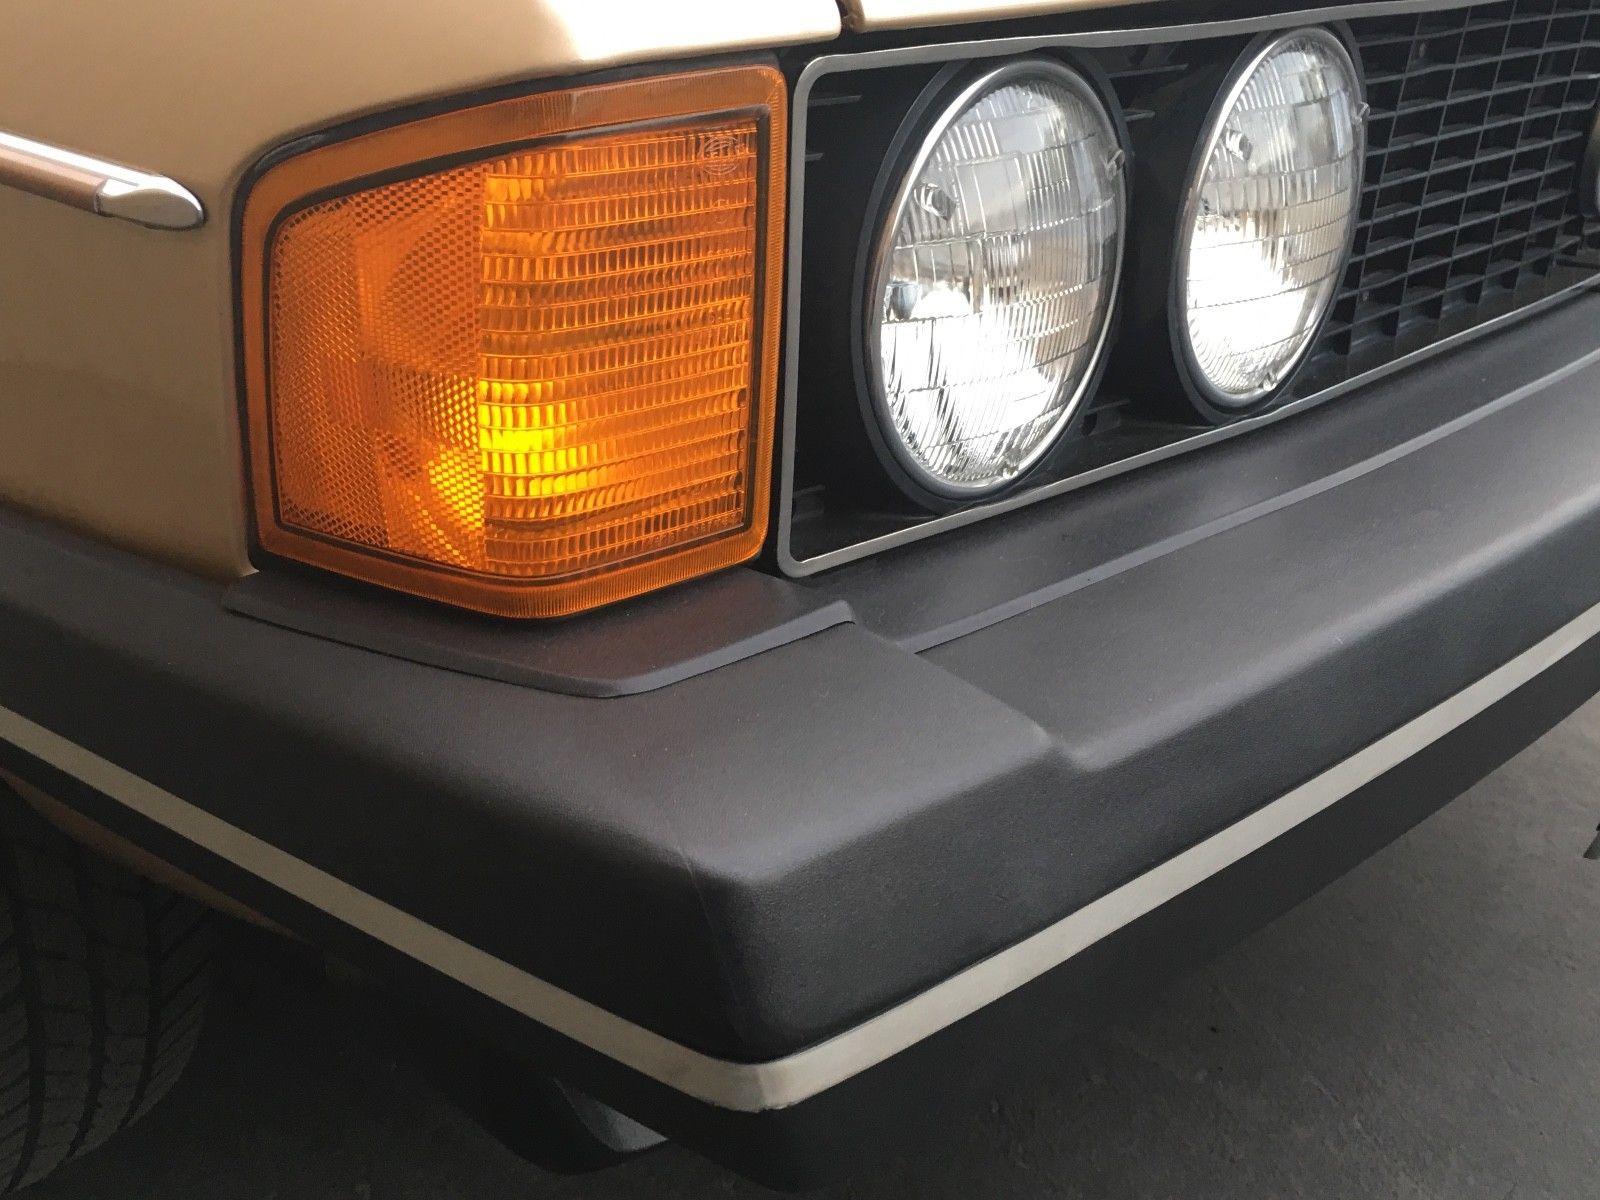 1978 Volkswagen Scirocco headlights